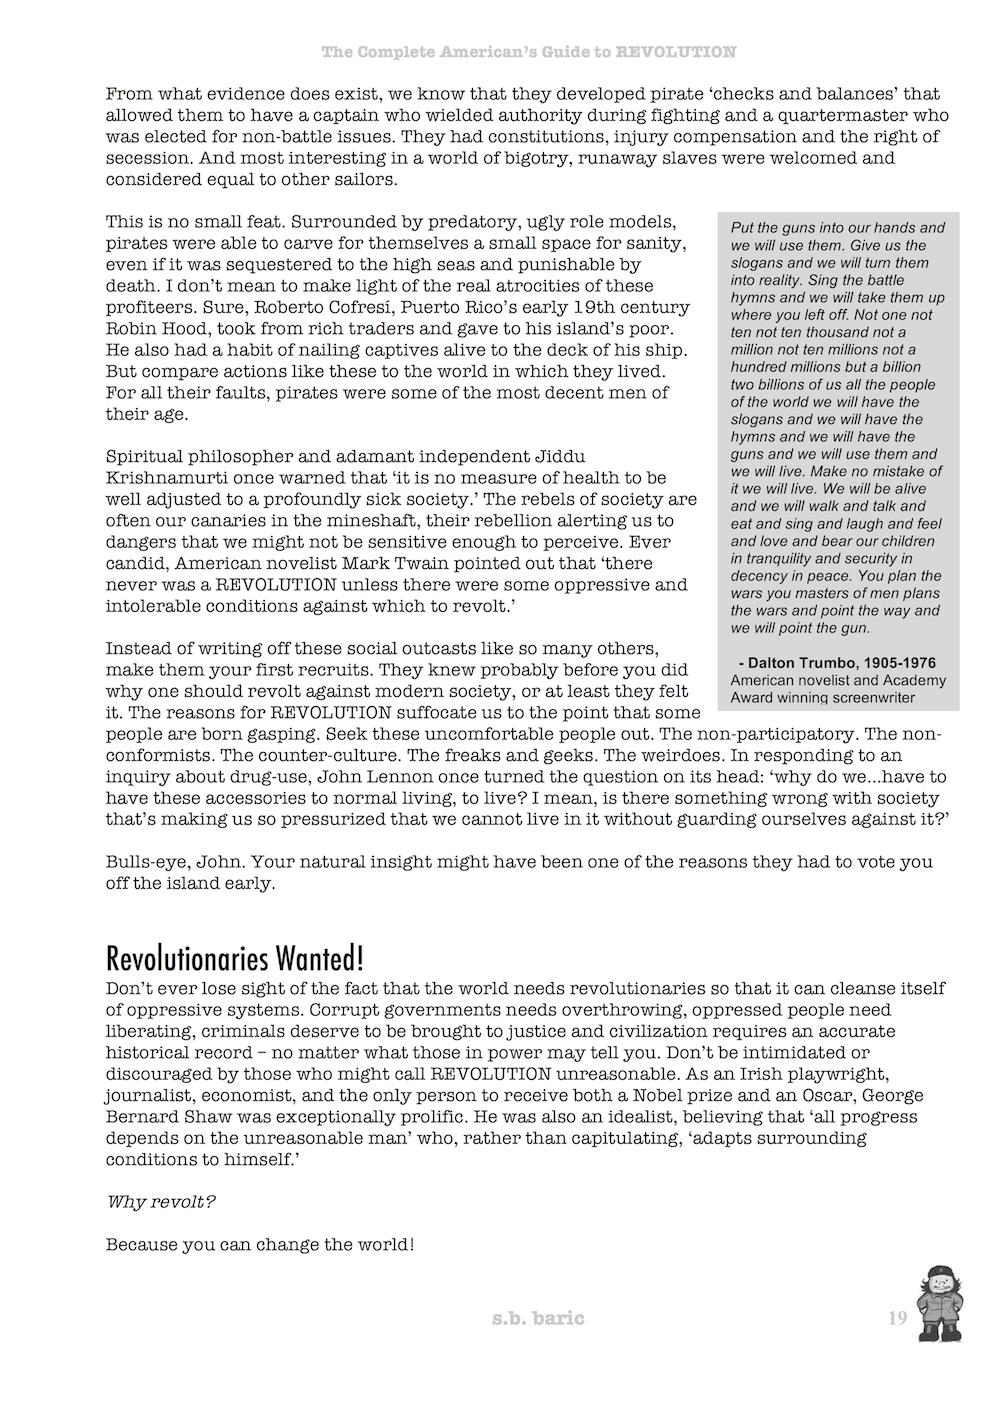 CAGR Ch 1 pg 20